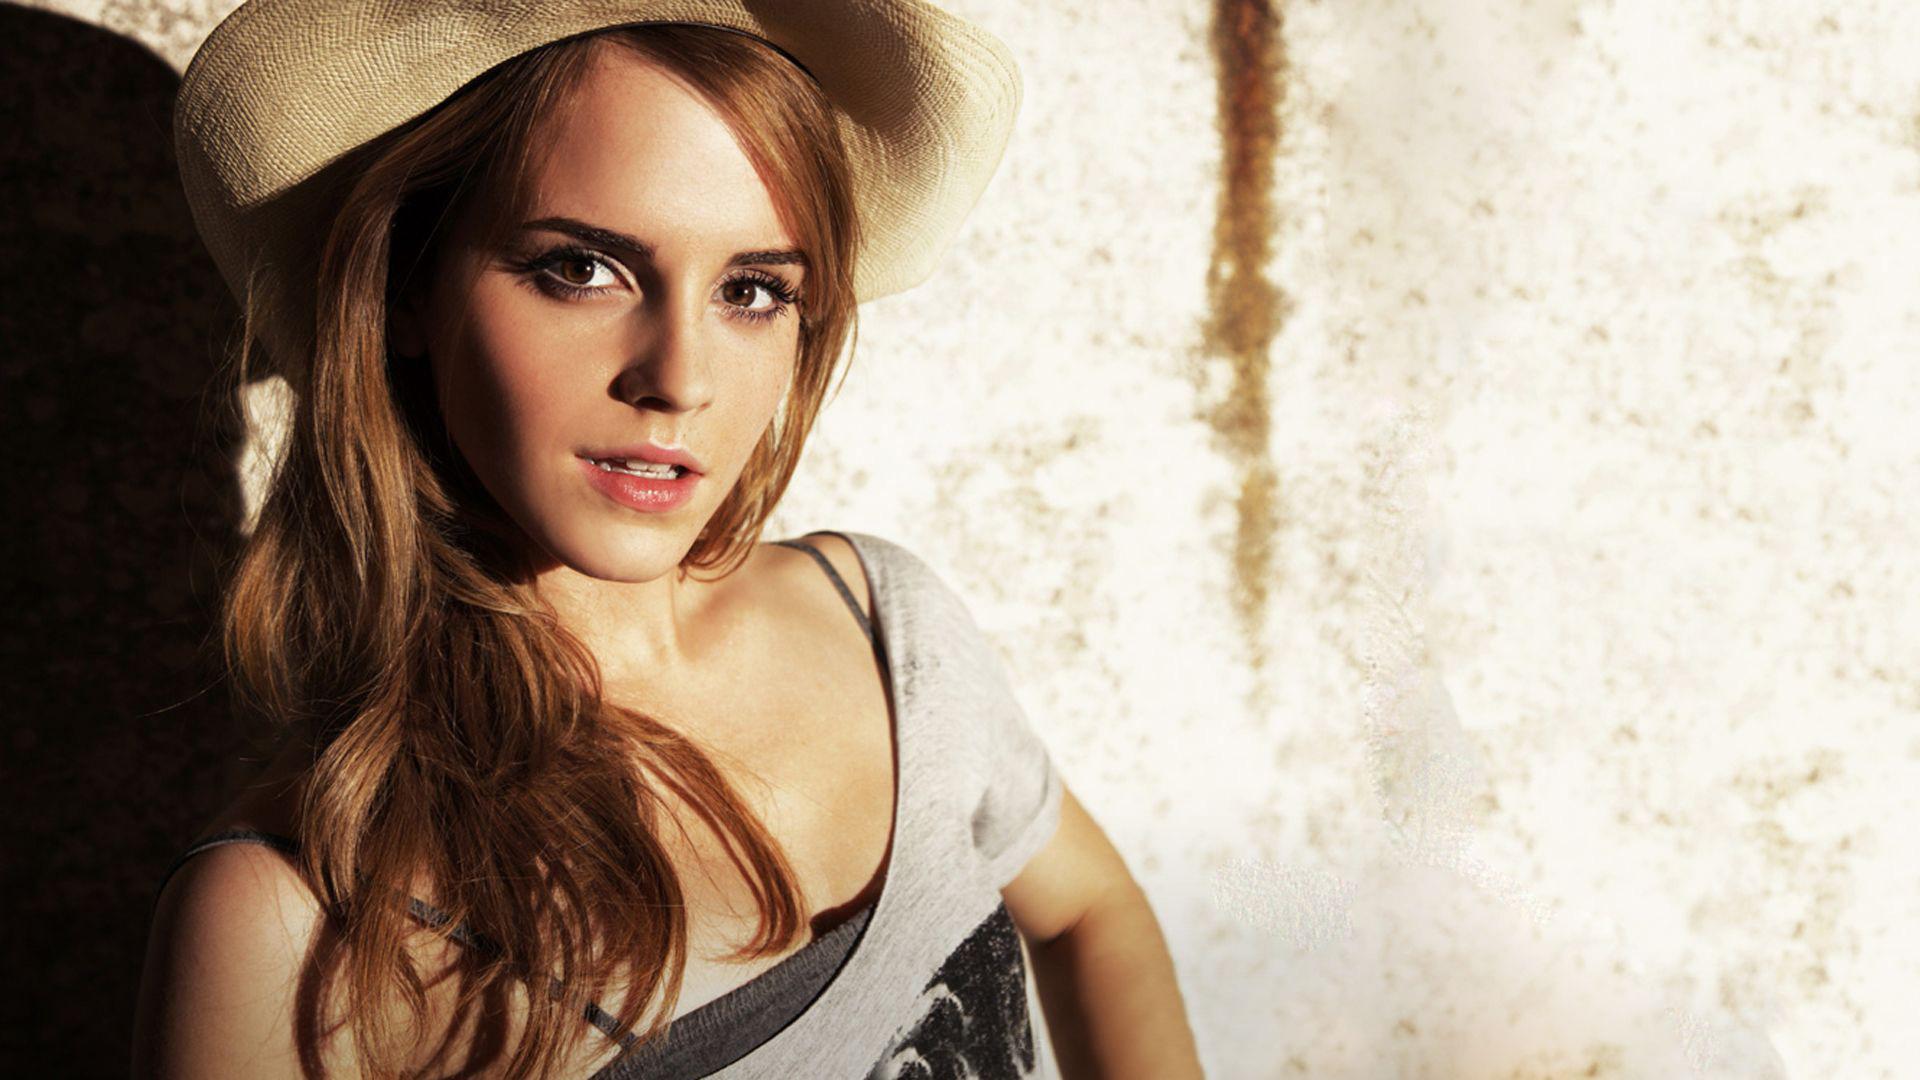 Wallpaper Hd Emma Watson